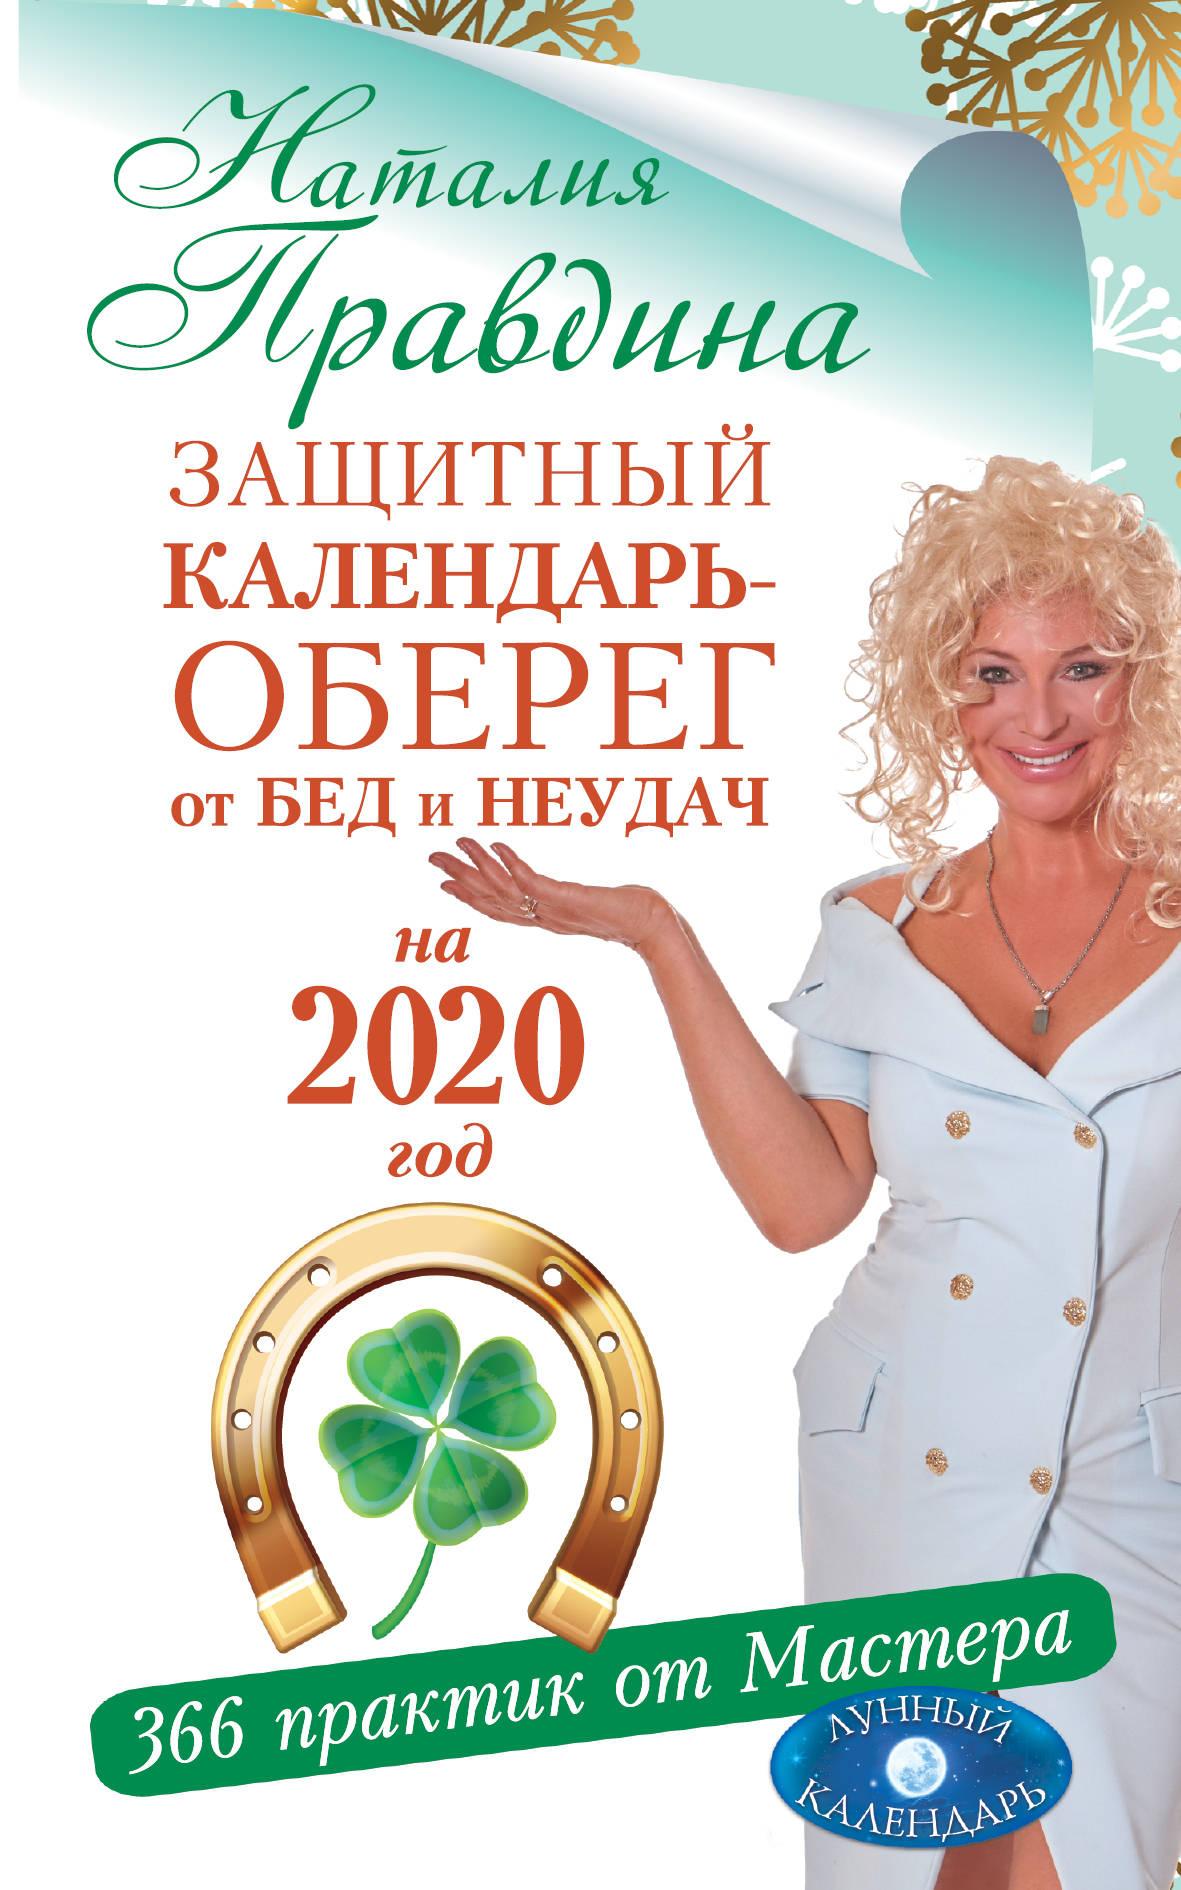 Защитный календарь-оберег от бед и неудач на 2020 год. 366 практик от Масте